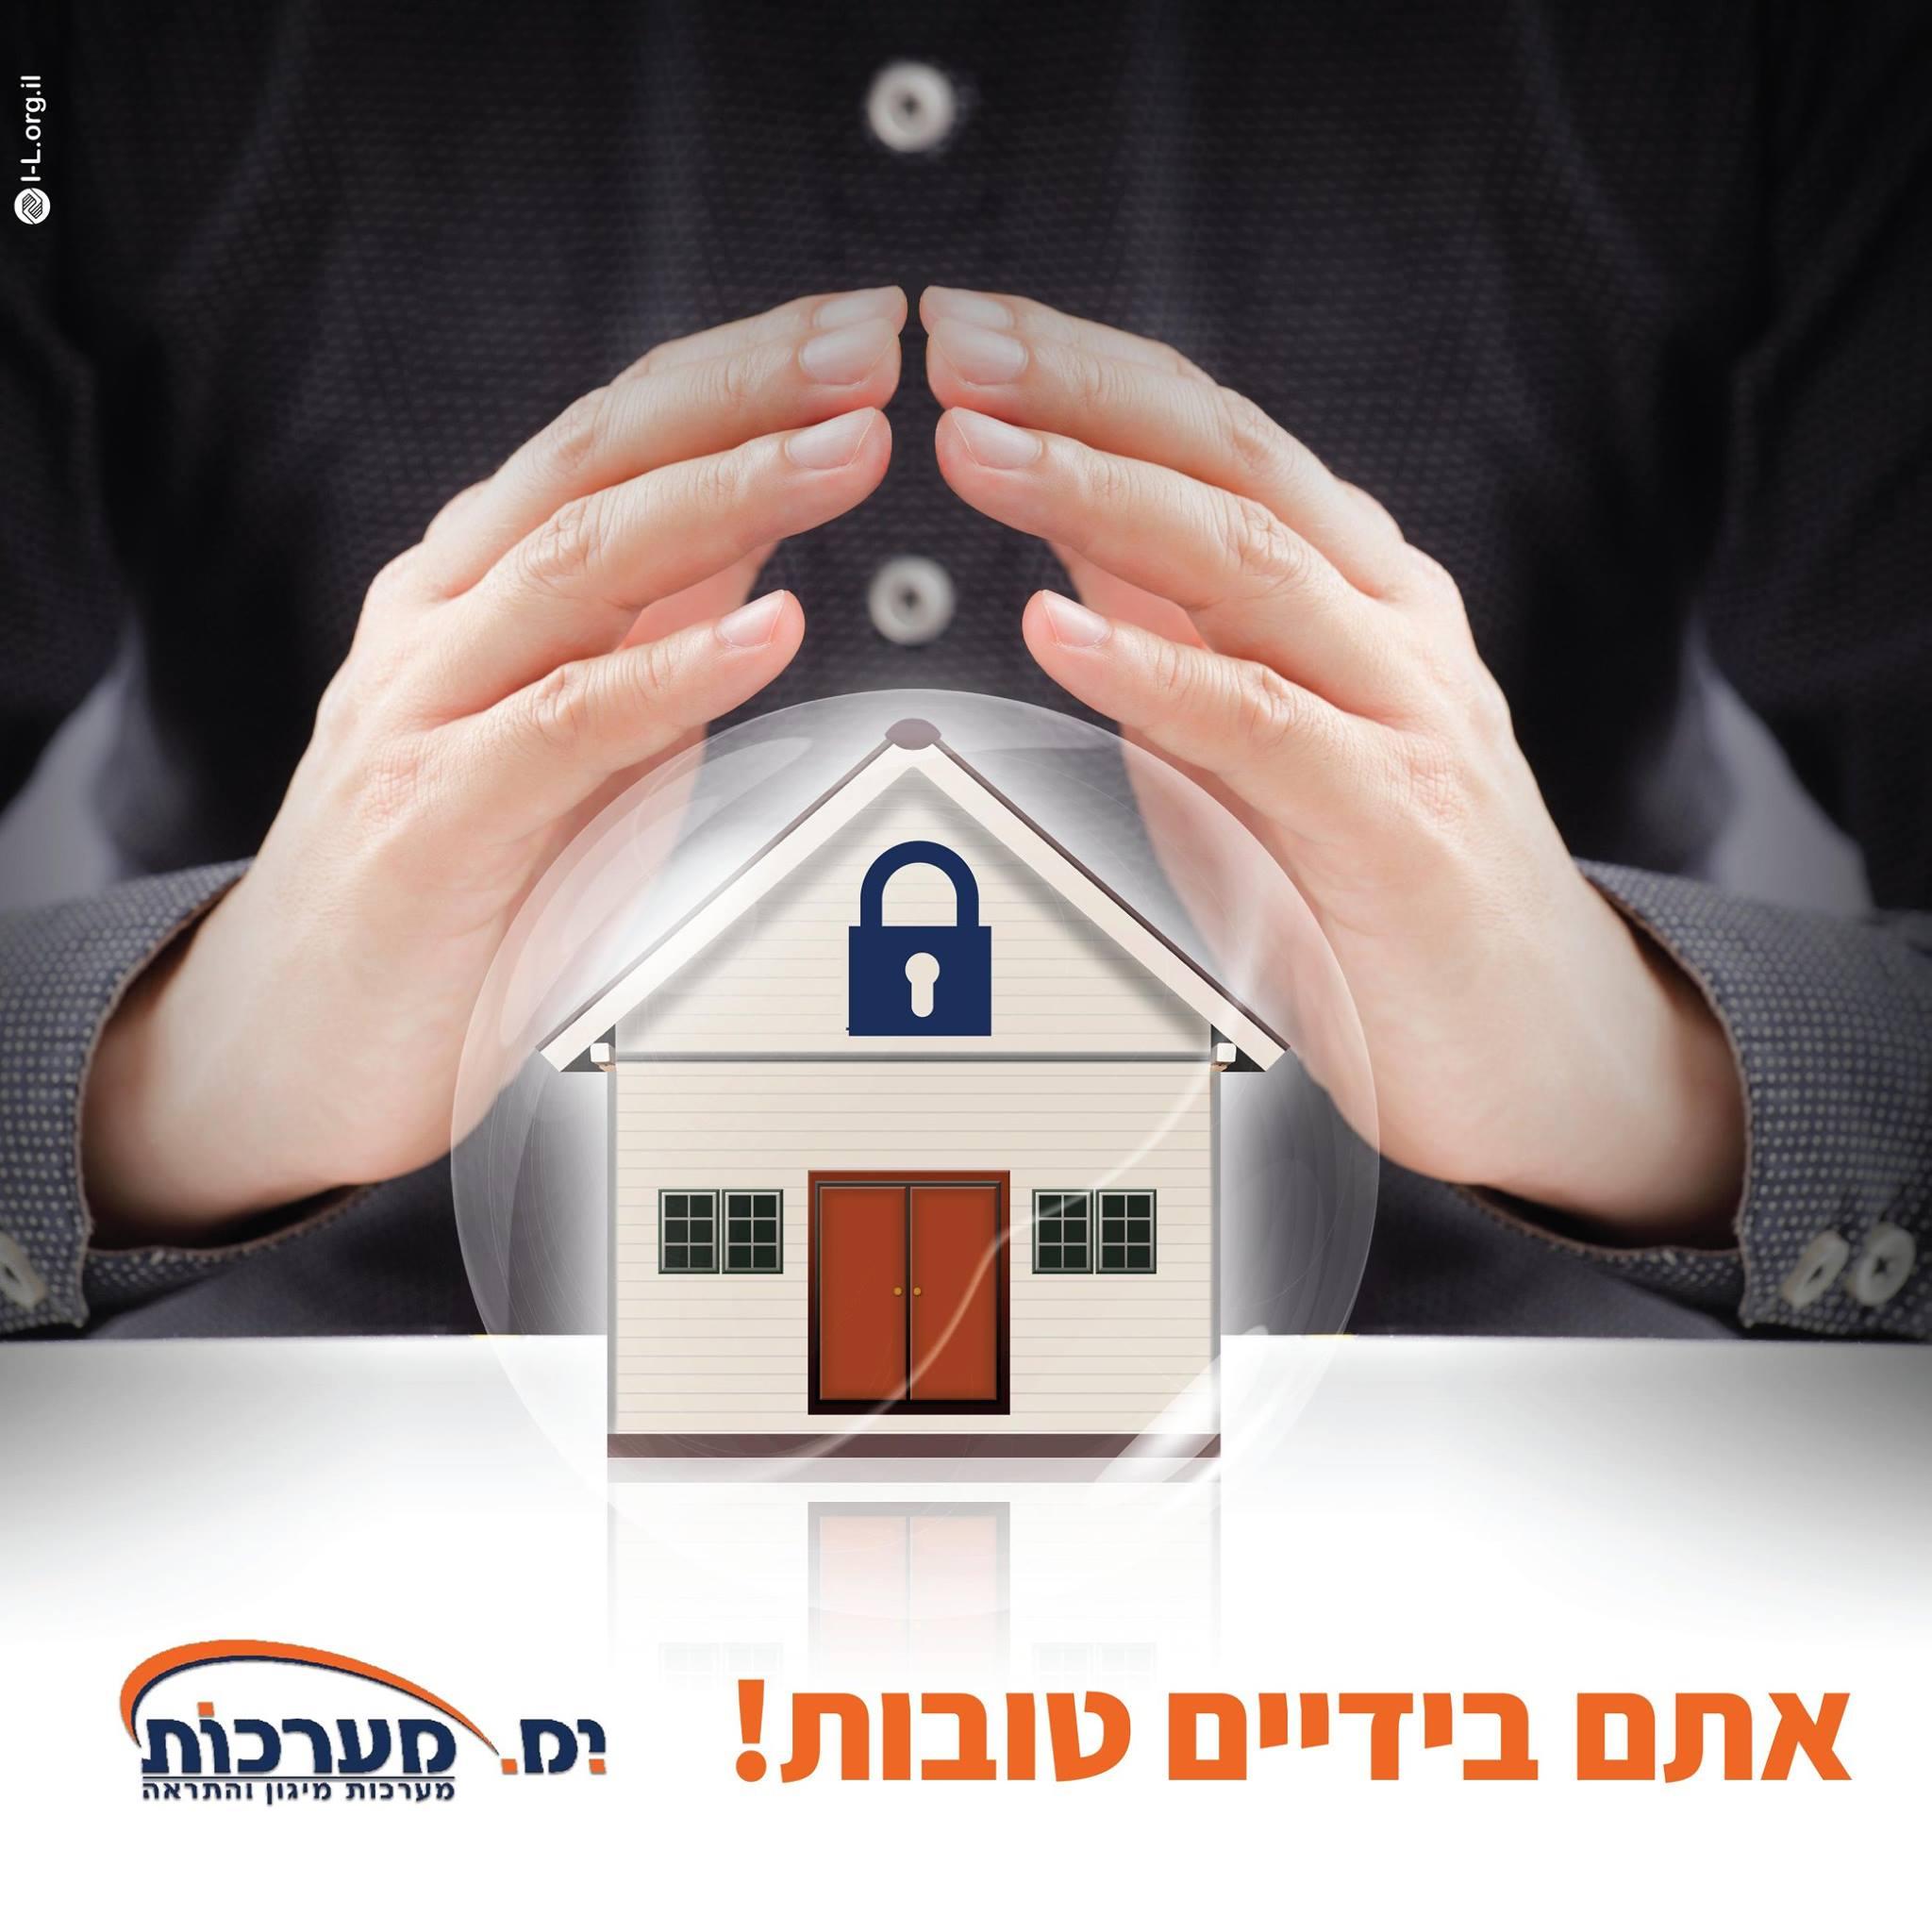 לאבטח את הבית בזכות פתרונות מתקדמים